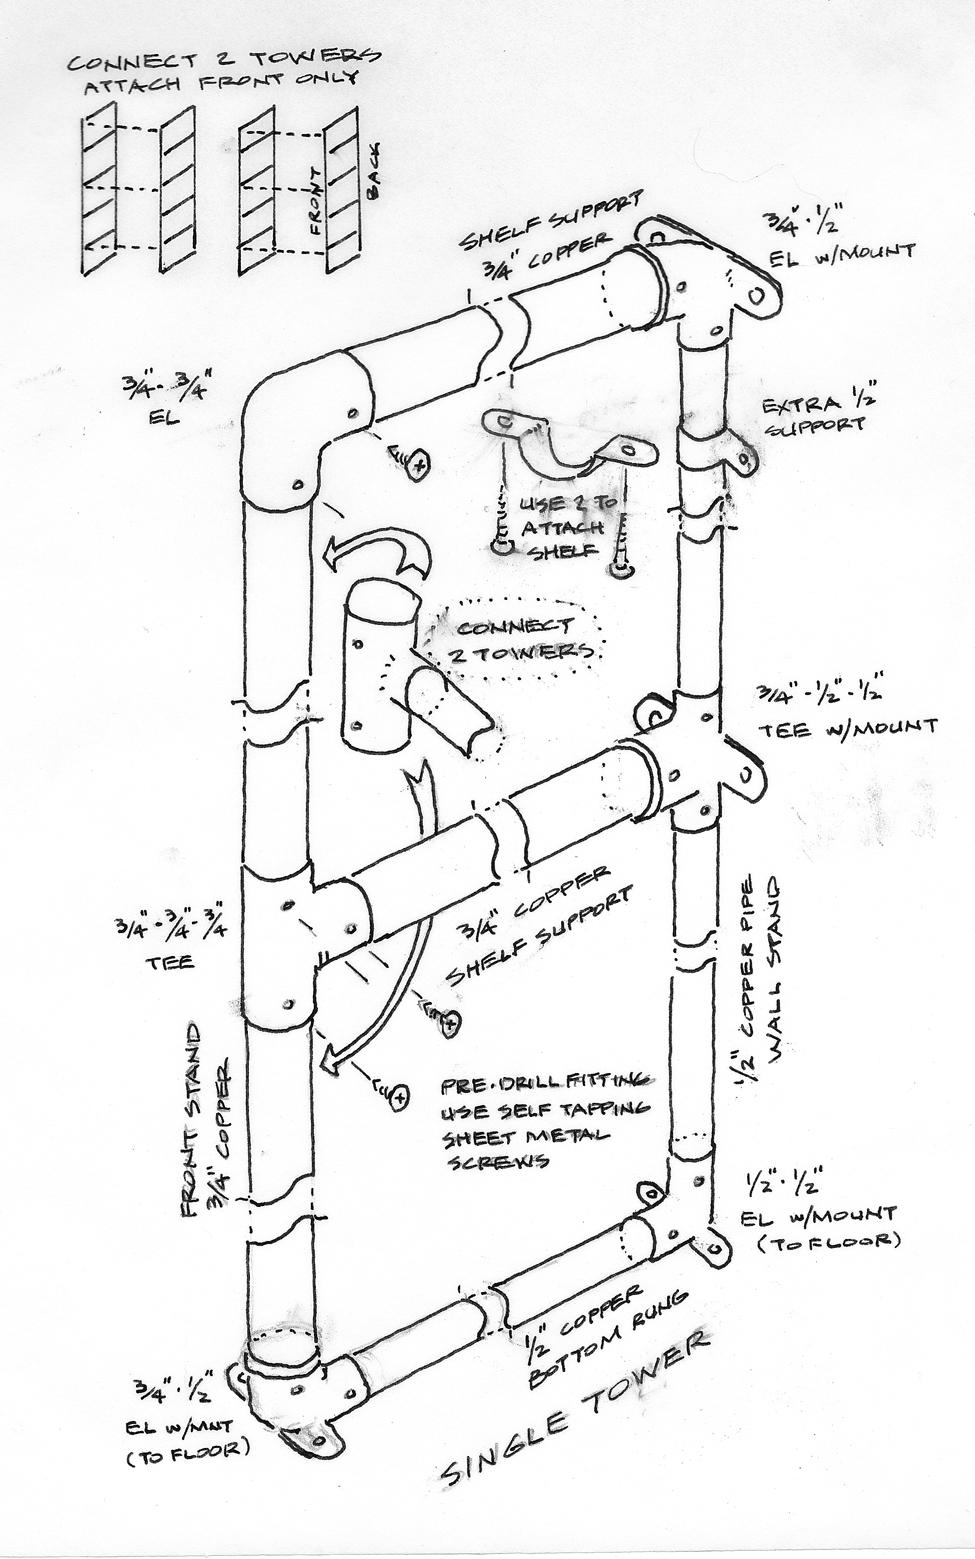 copper pipe shelf system